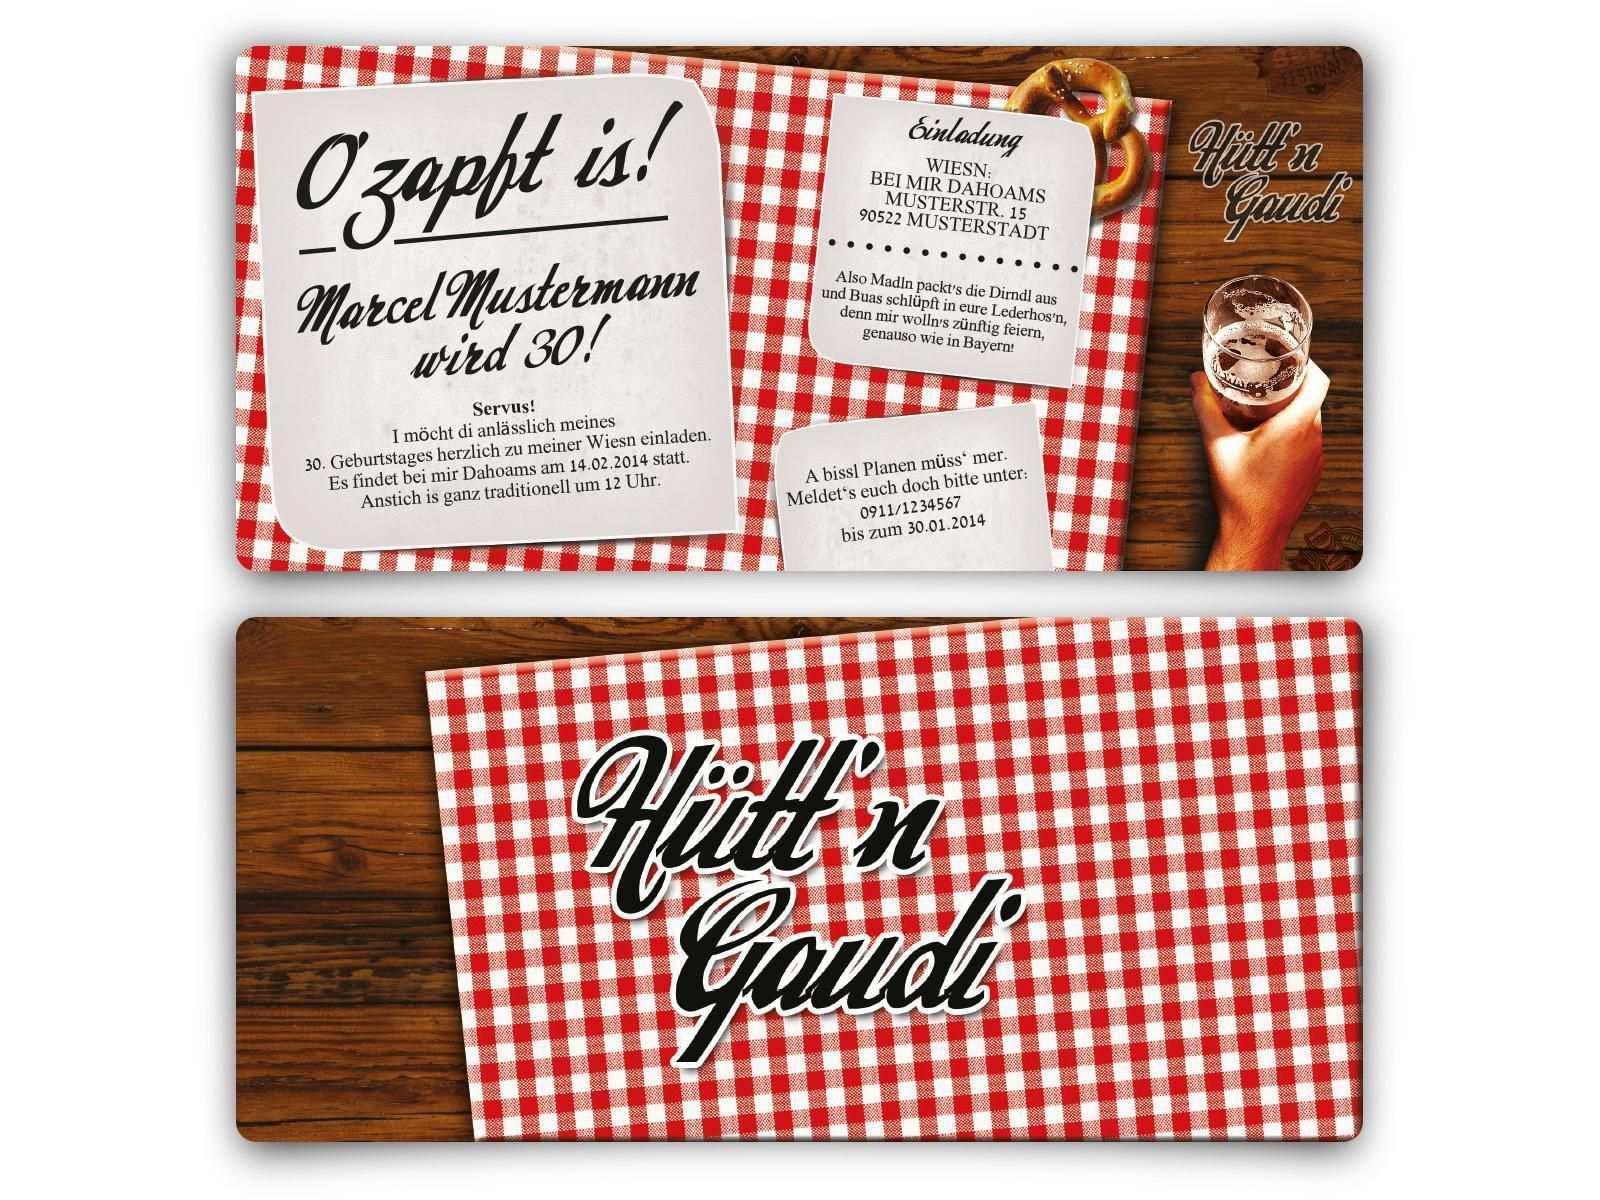 Einladungskarten 90 Geburtstag Selbst Gestalten Kostenlos Einladung Zum Geburtstag Einladung Geburtstag Einladung 40 Geburtstag Einladungskarten Geburtstag